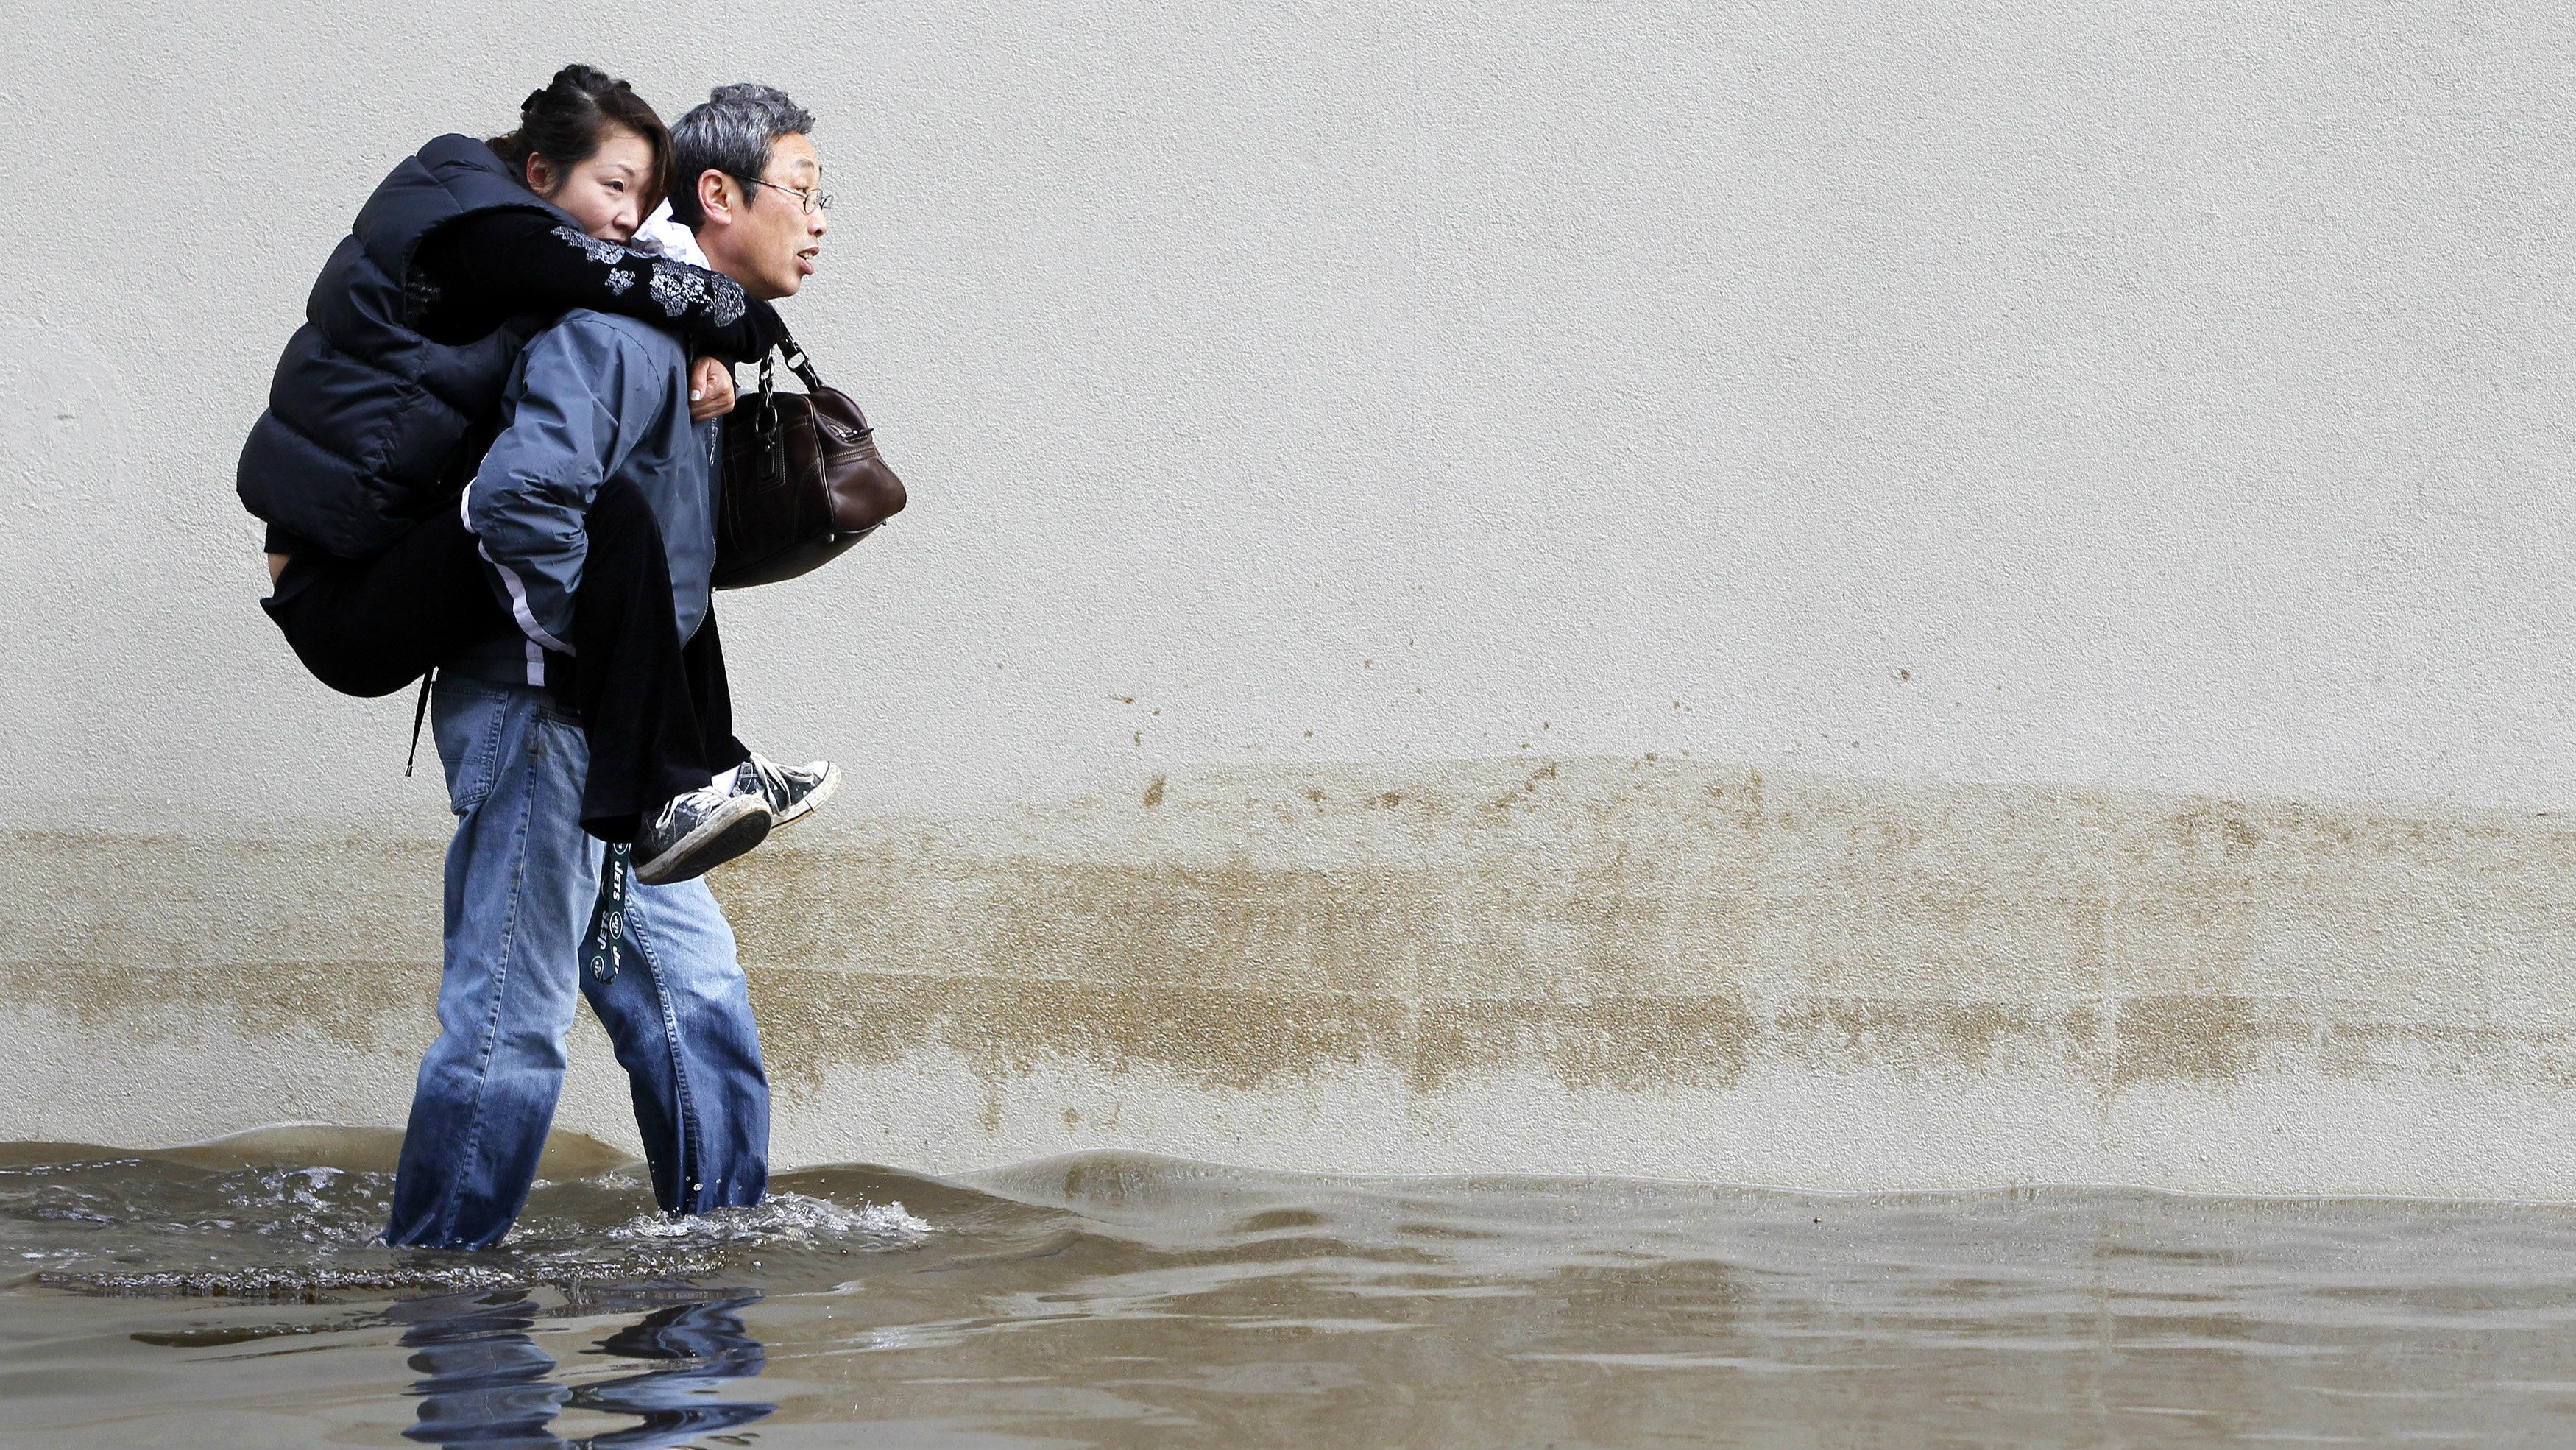 man walking through flooding